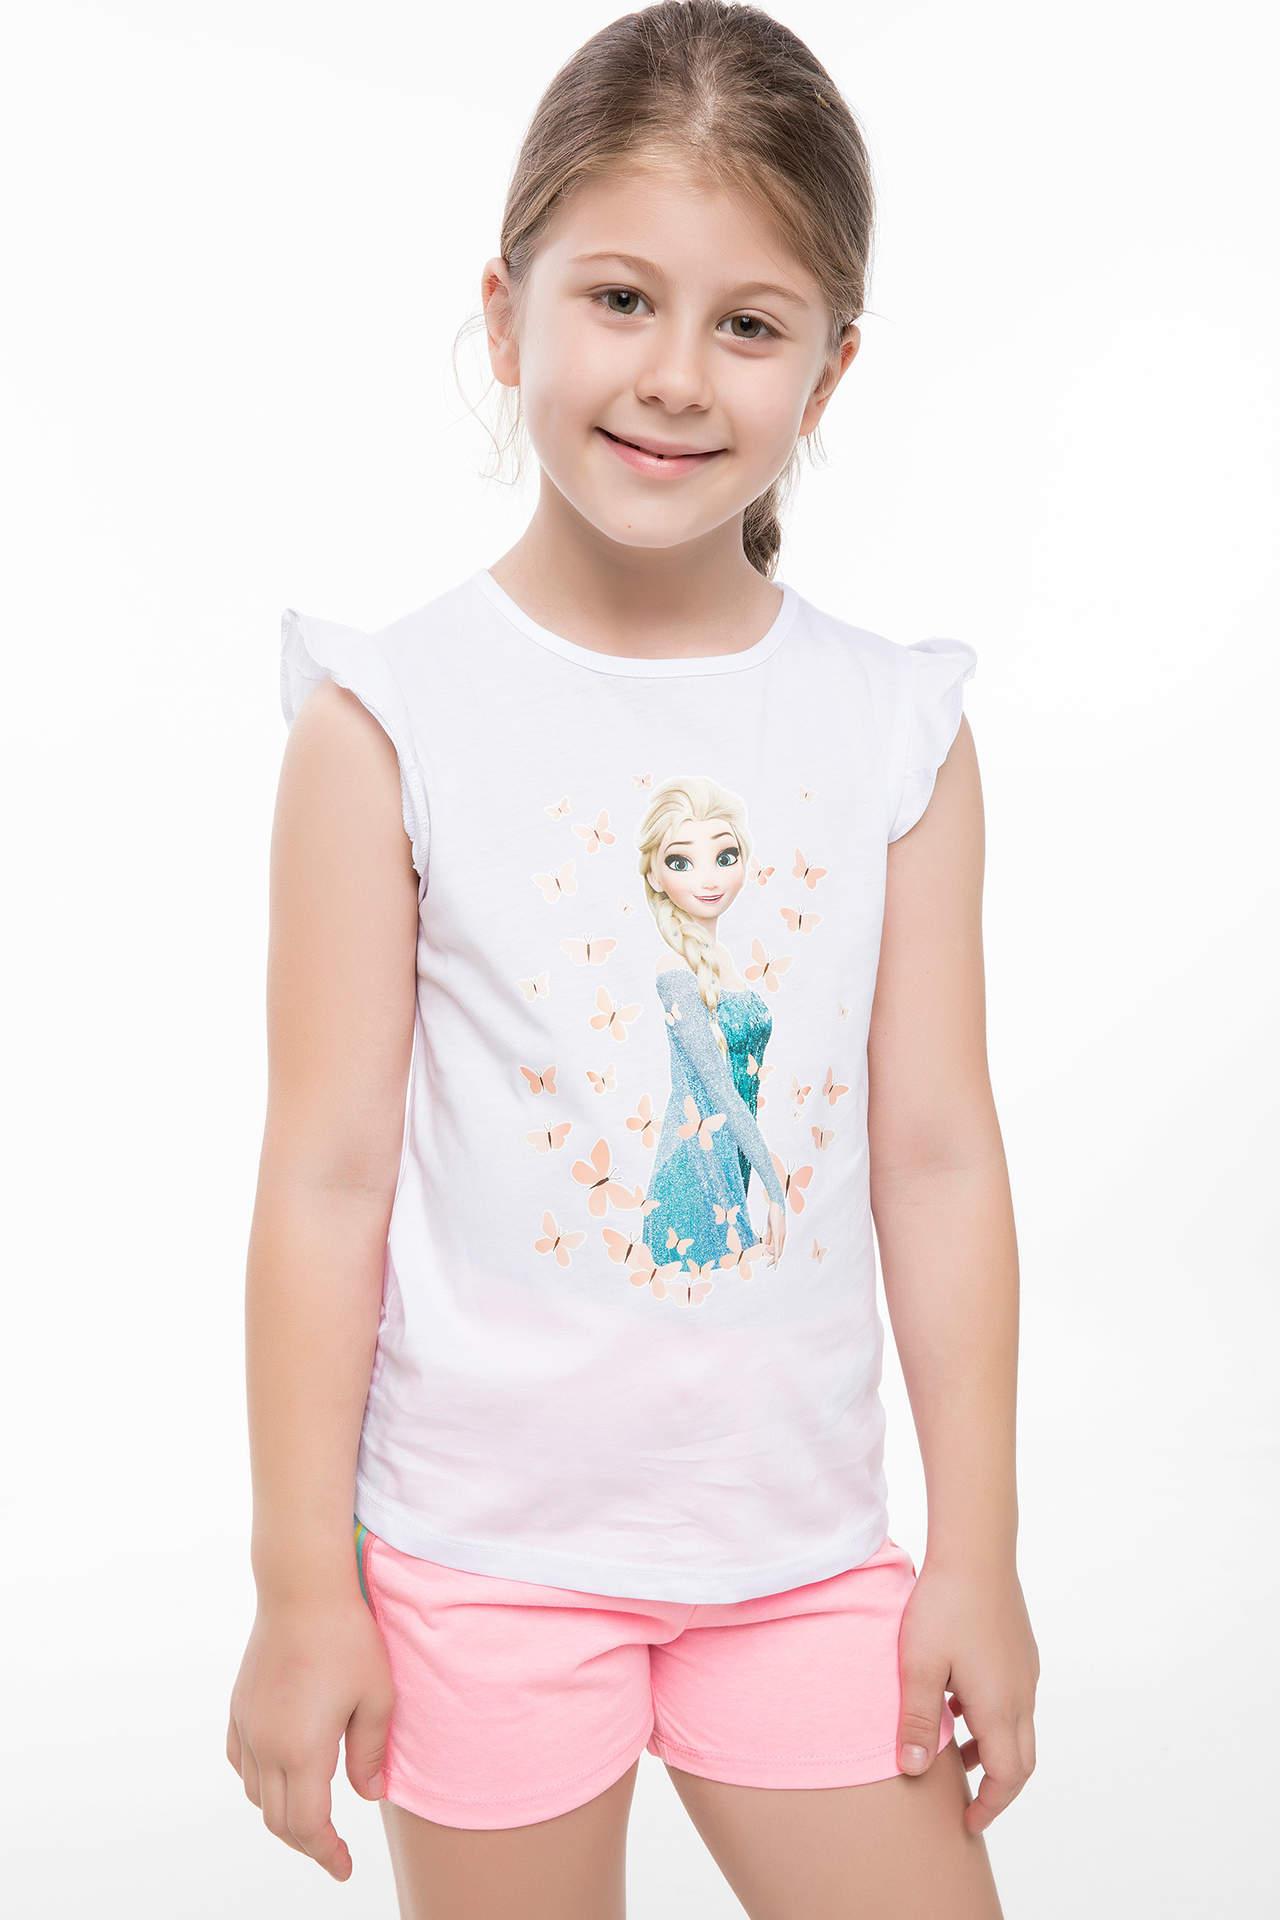 DeFacto Kız Çocuk Lisanslı Baskılı Kolsuz T-shirt Beyaz female